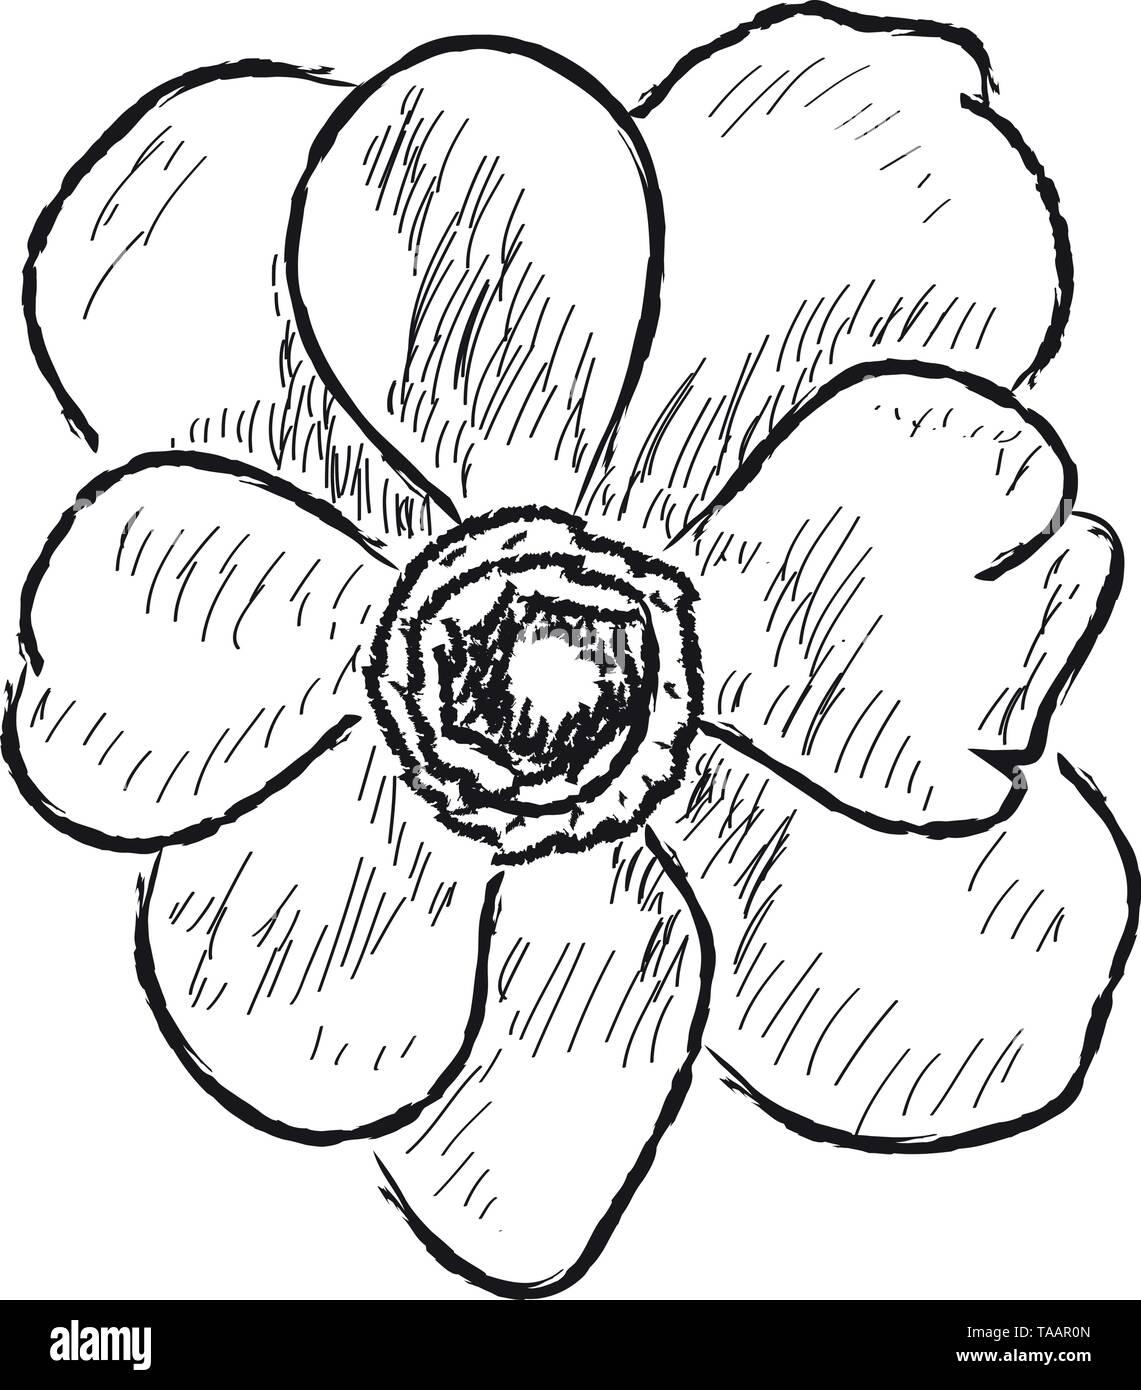 Isolierten Skizze einer Blume auf weißem Hintergrund Stockbild